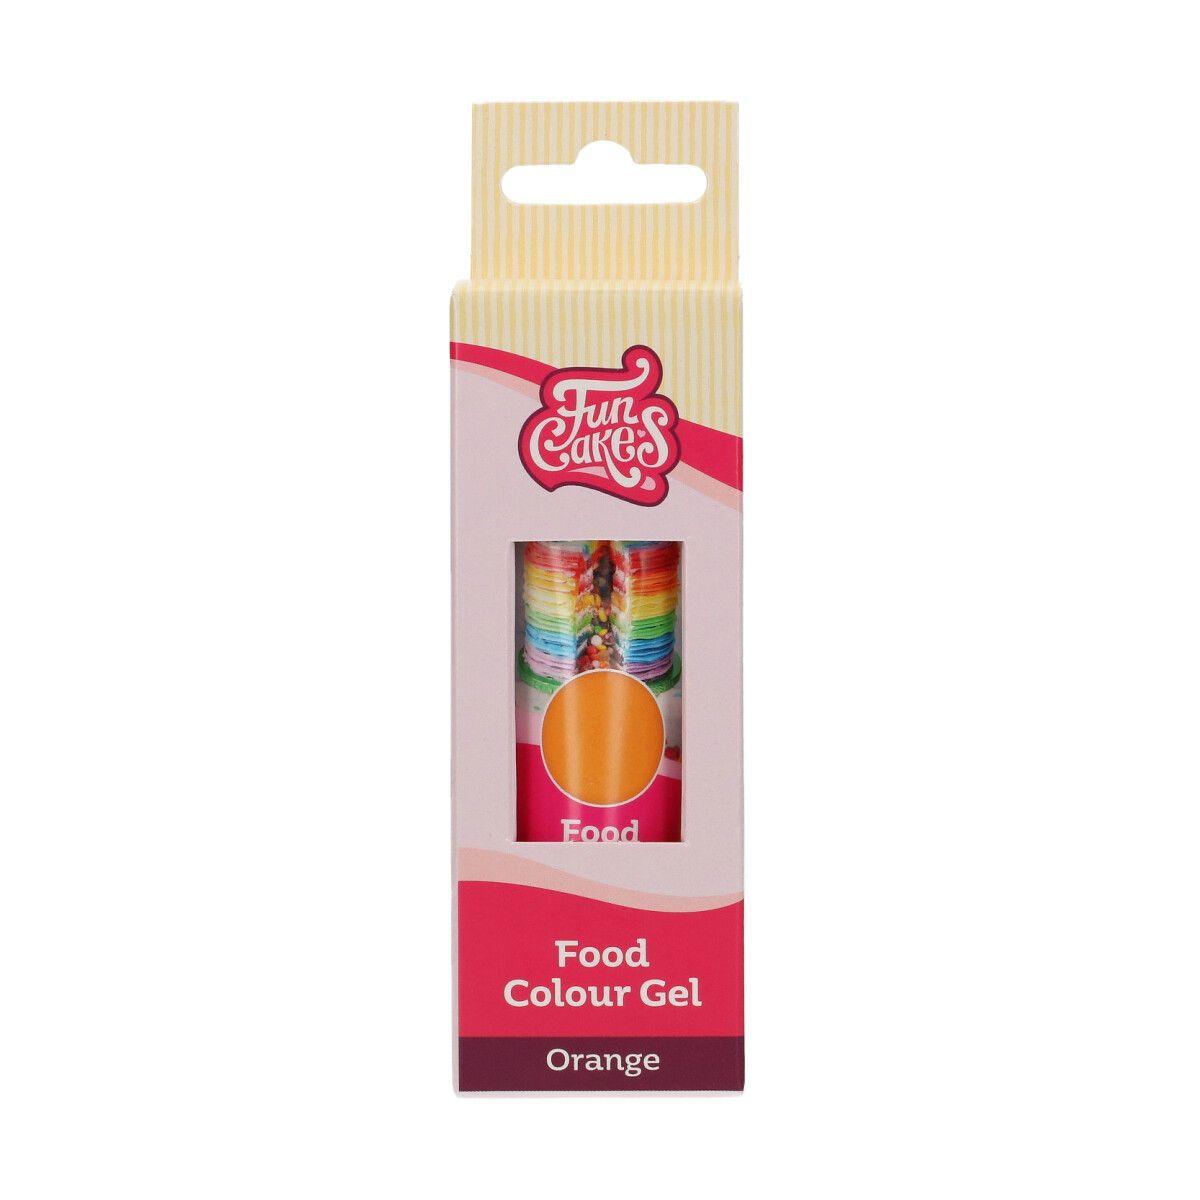 Imagen de producto: https://tienda.postreadiccion.com/img/articulos/secundarias13987-colorante-en-gel-naranja-30-g-funcakes-1.jpg